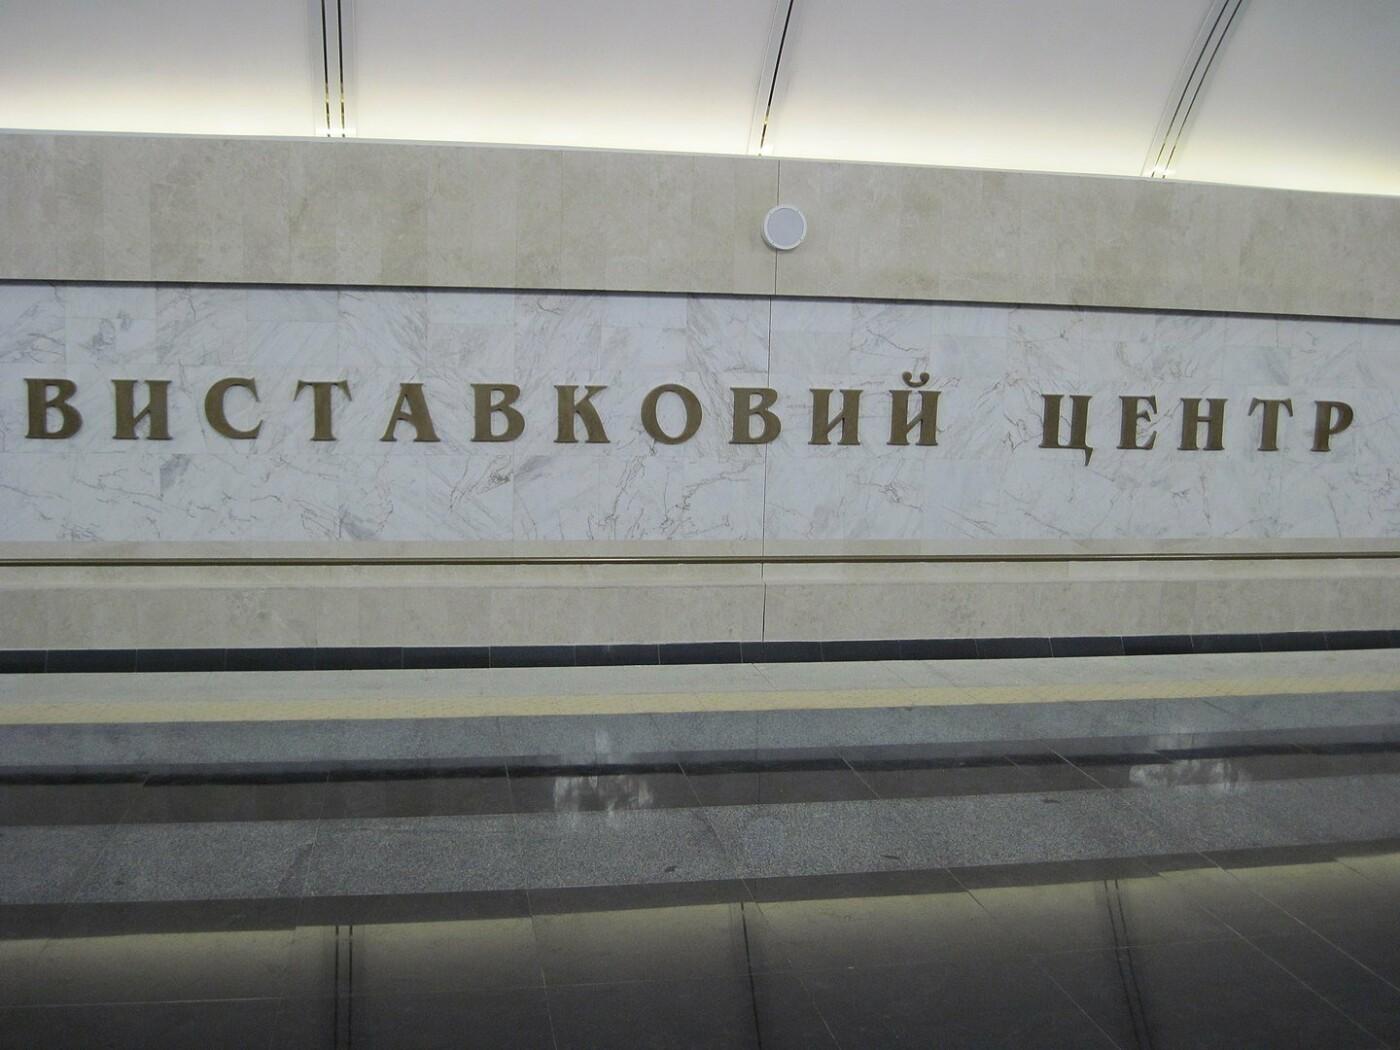 «Выставочный центр», «Ипподром» и «Теремки»: станции Киевского метро, - ФОТО, ВИДЕО, Фото: Википедия